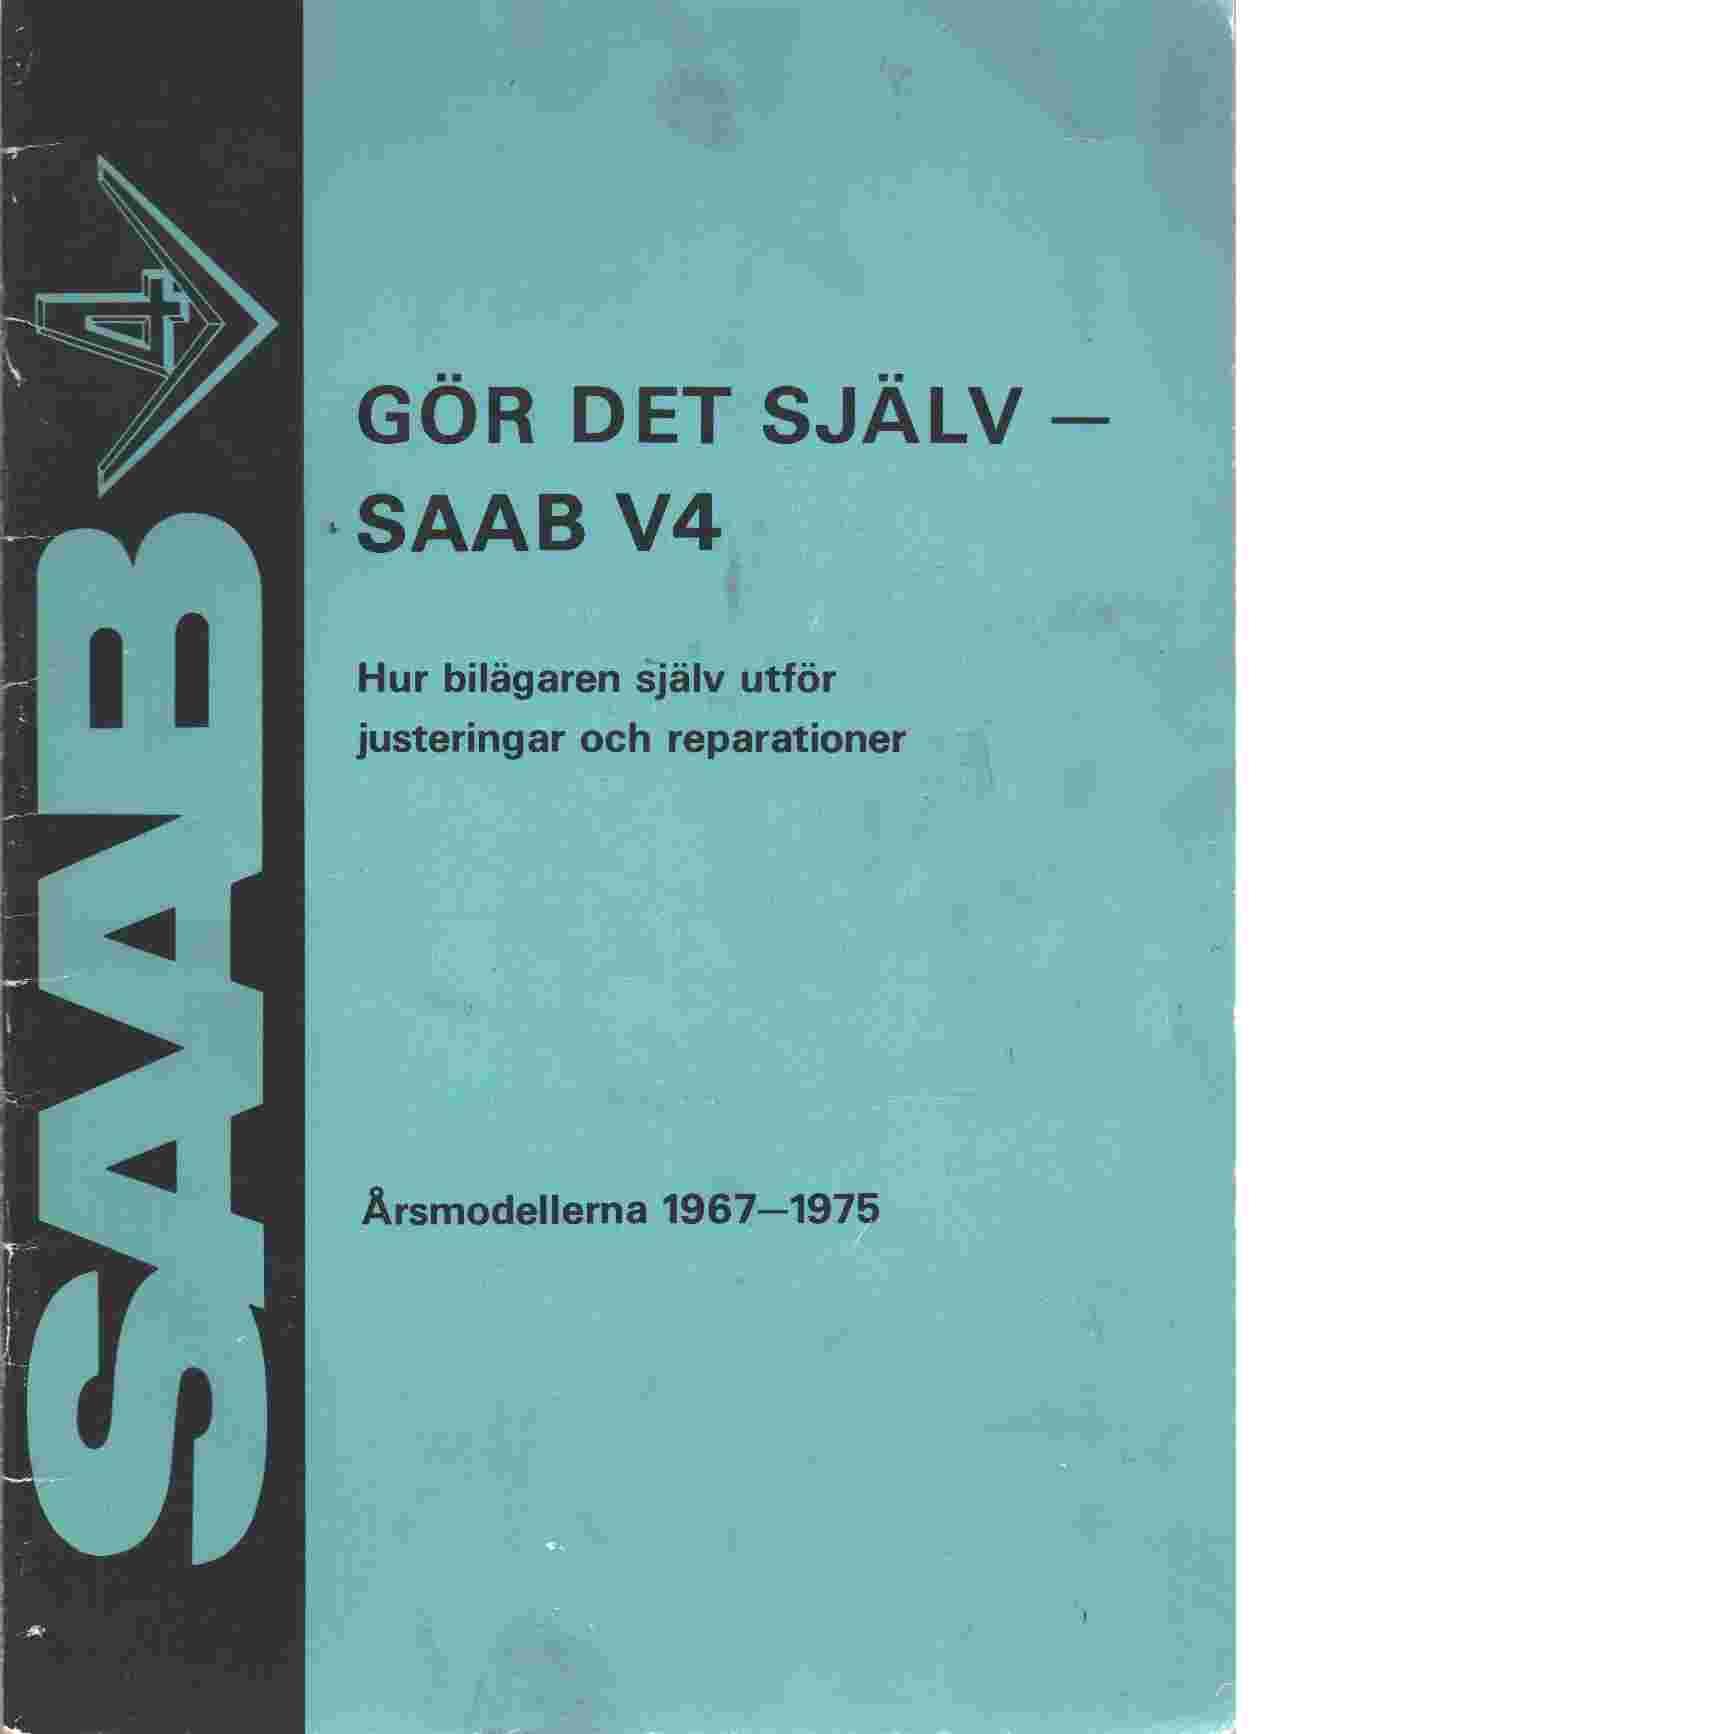 Saab V 4 gör det själv - Trollhättan, Saab-Scania